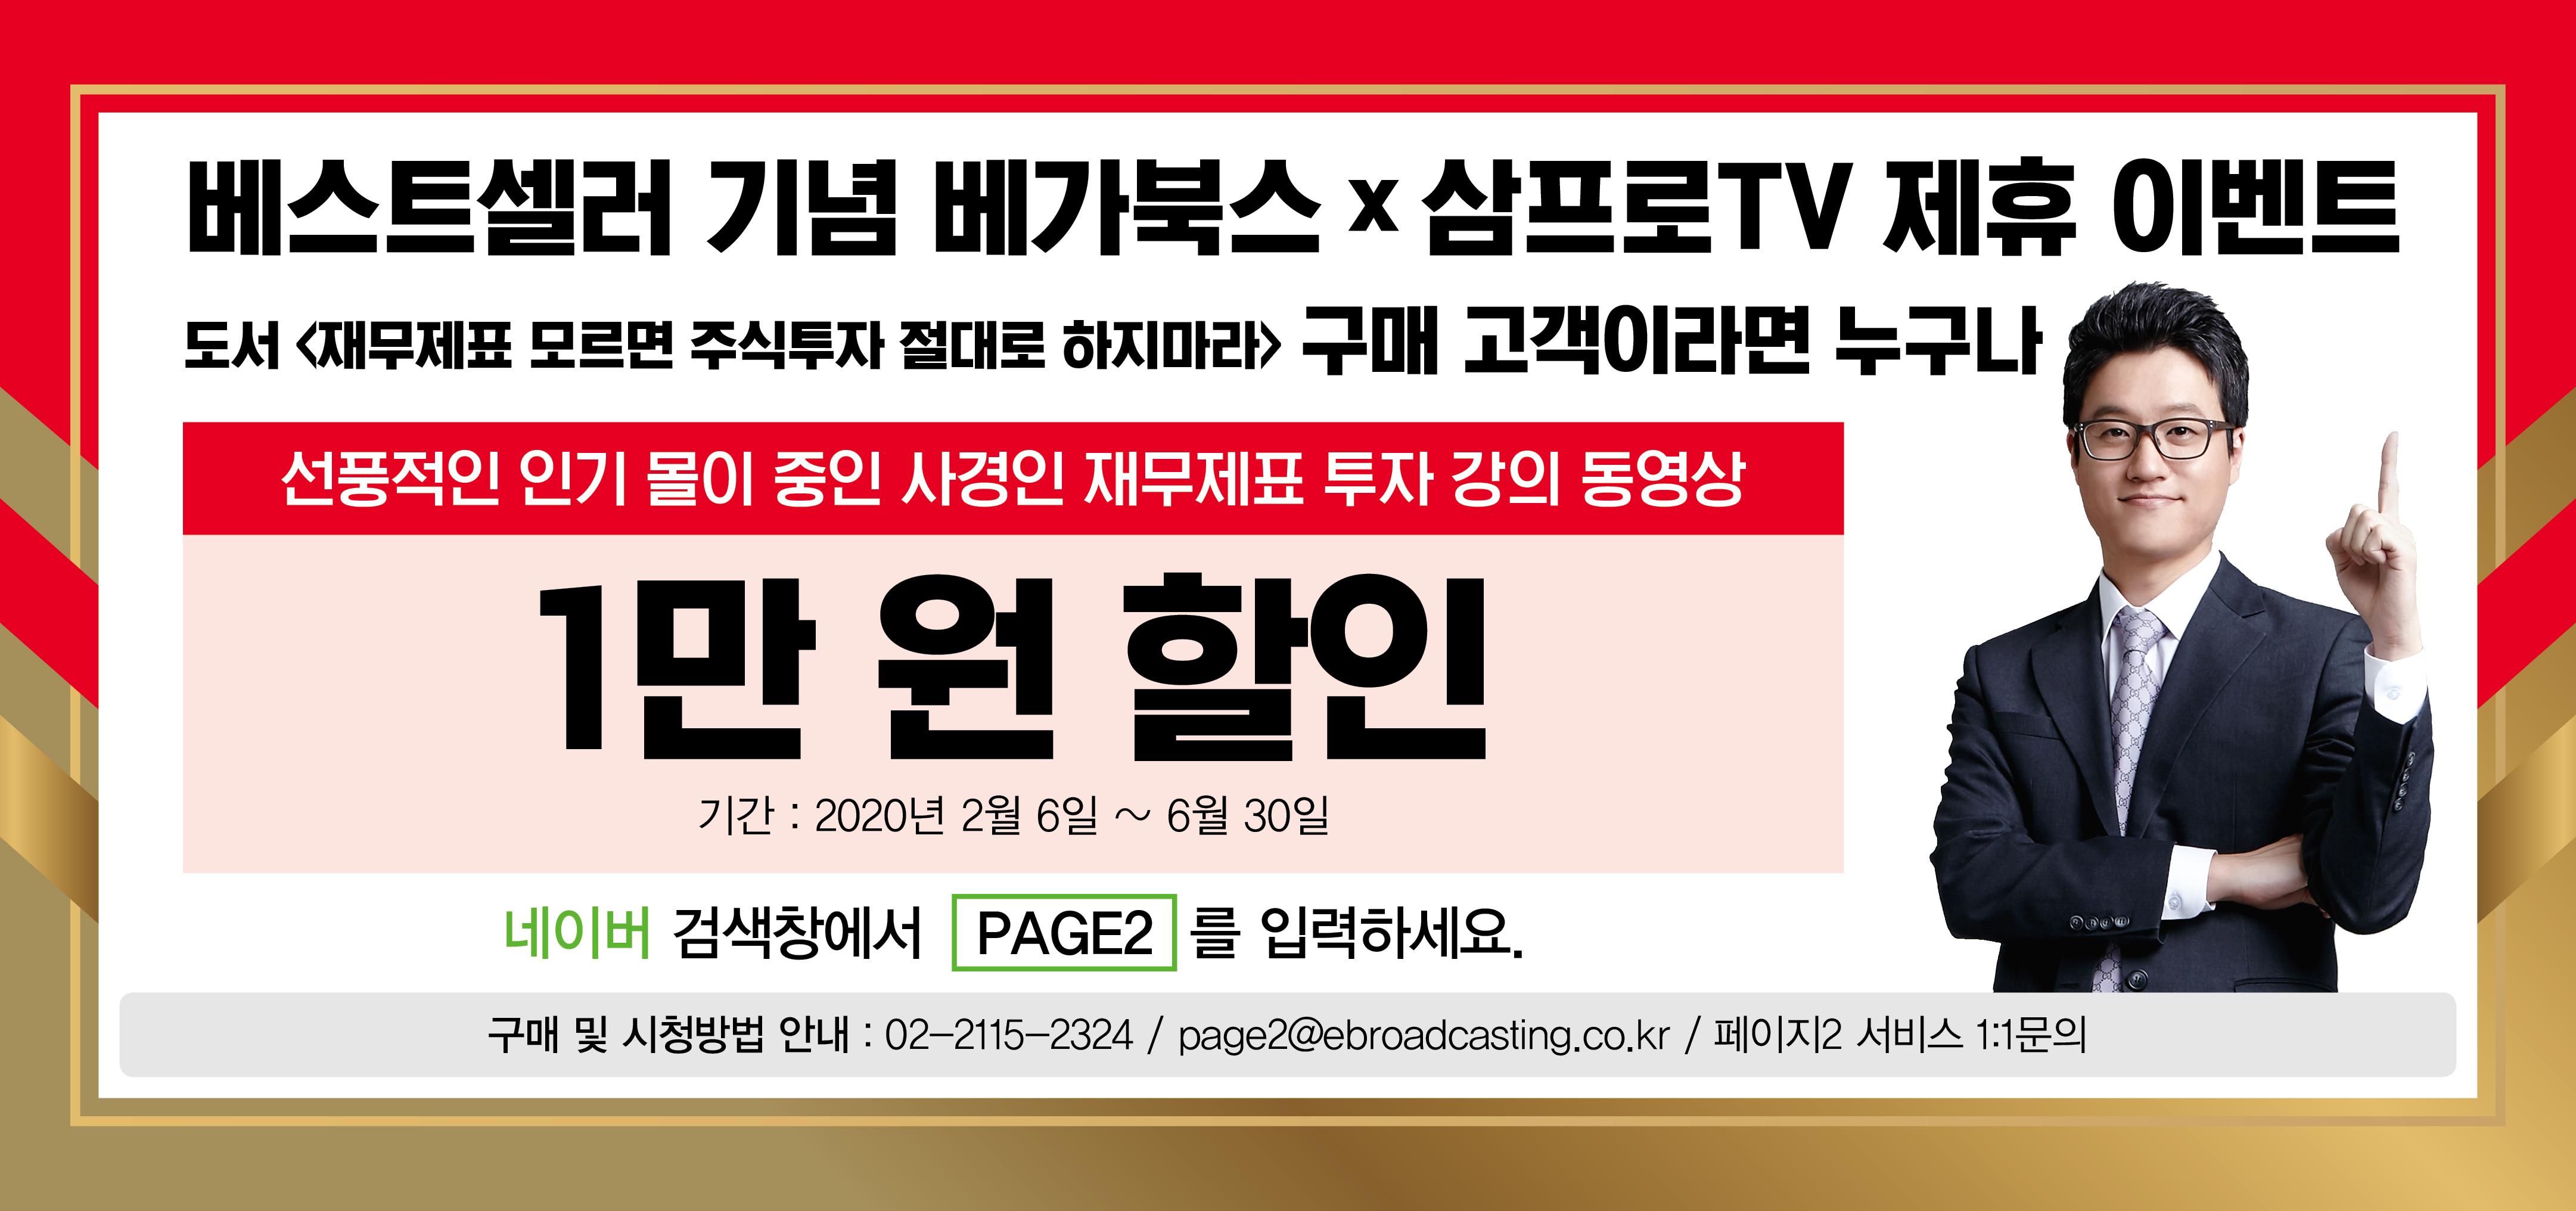 베스트셀러 기념 베가북스 x 삼프로TV 제휴 이벤트